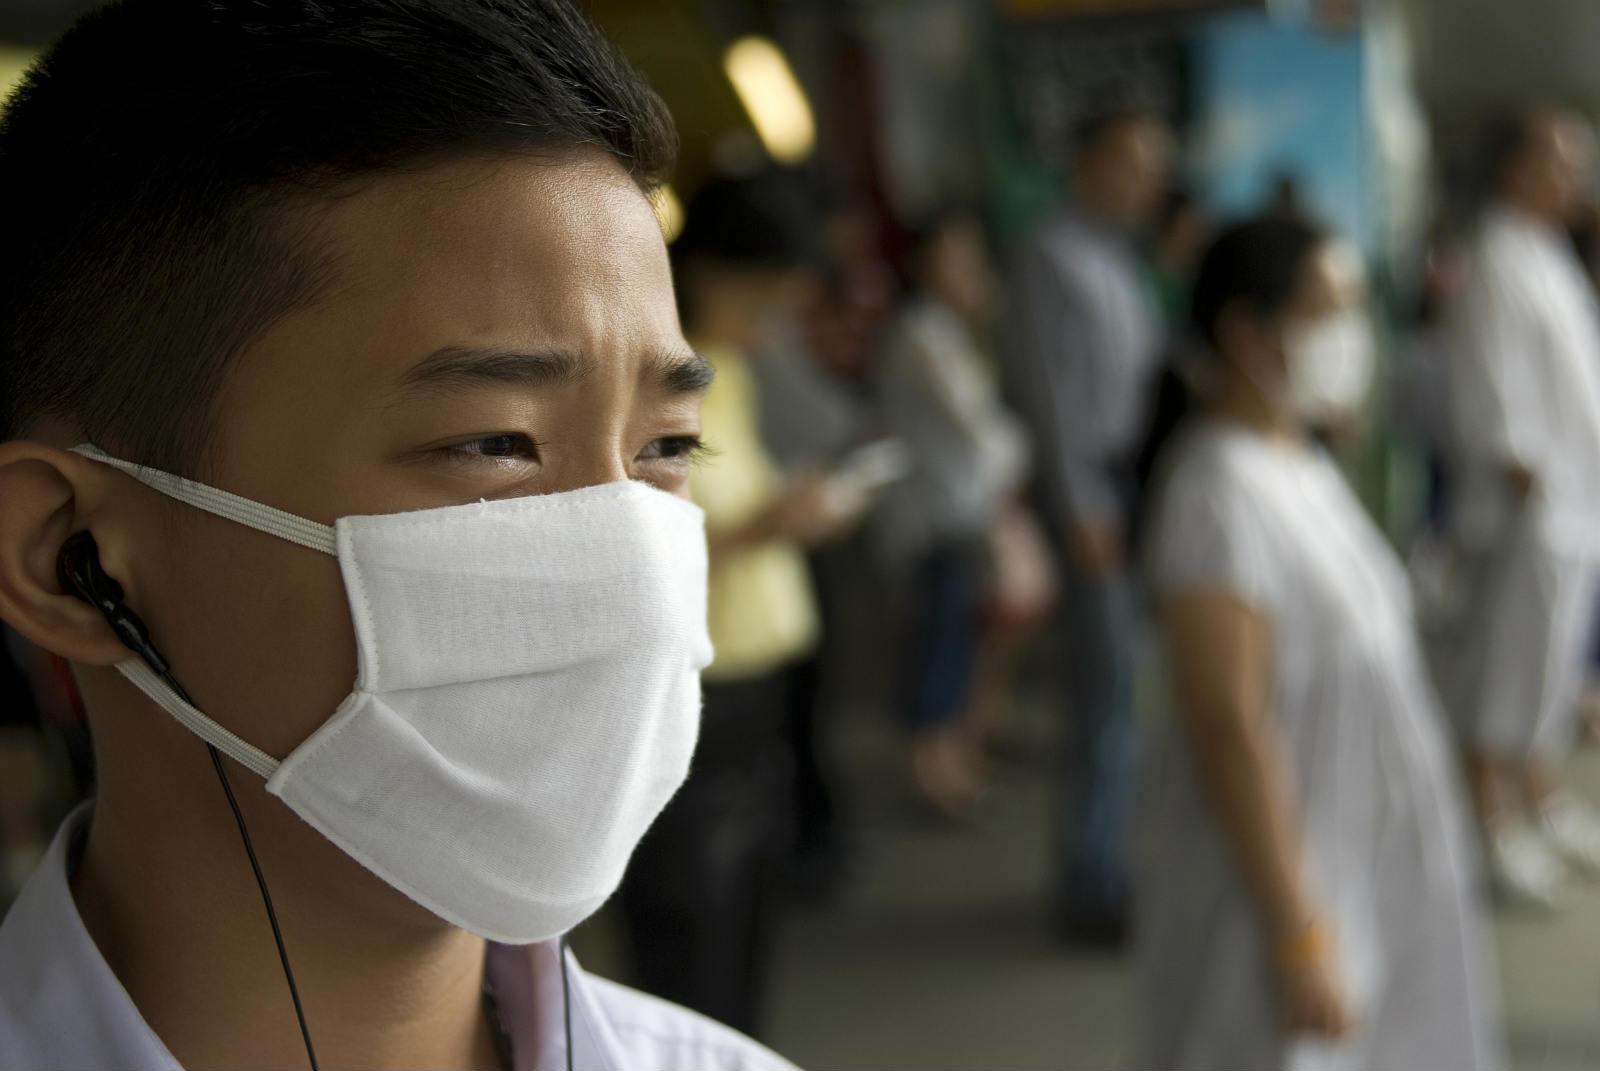 又到一年流感季!国家卫健委提出流感防治创新模式